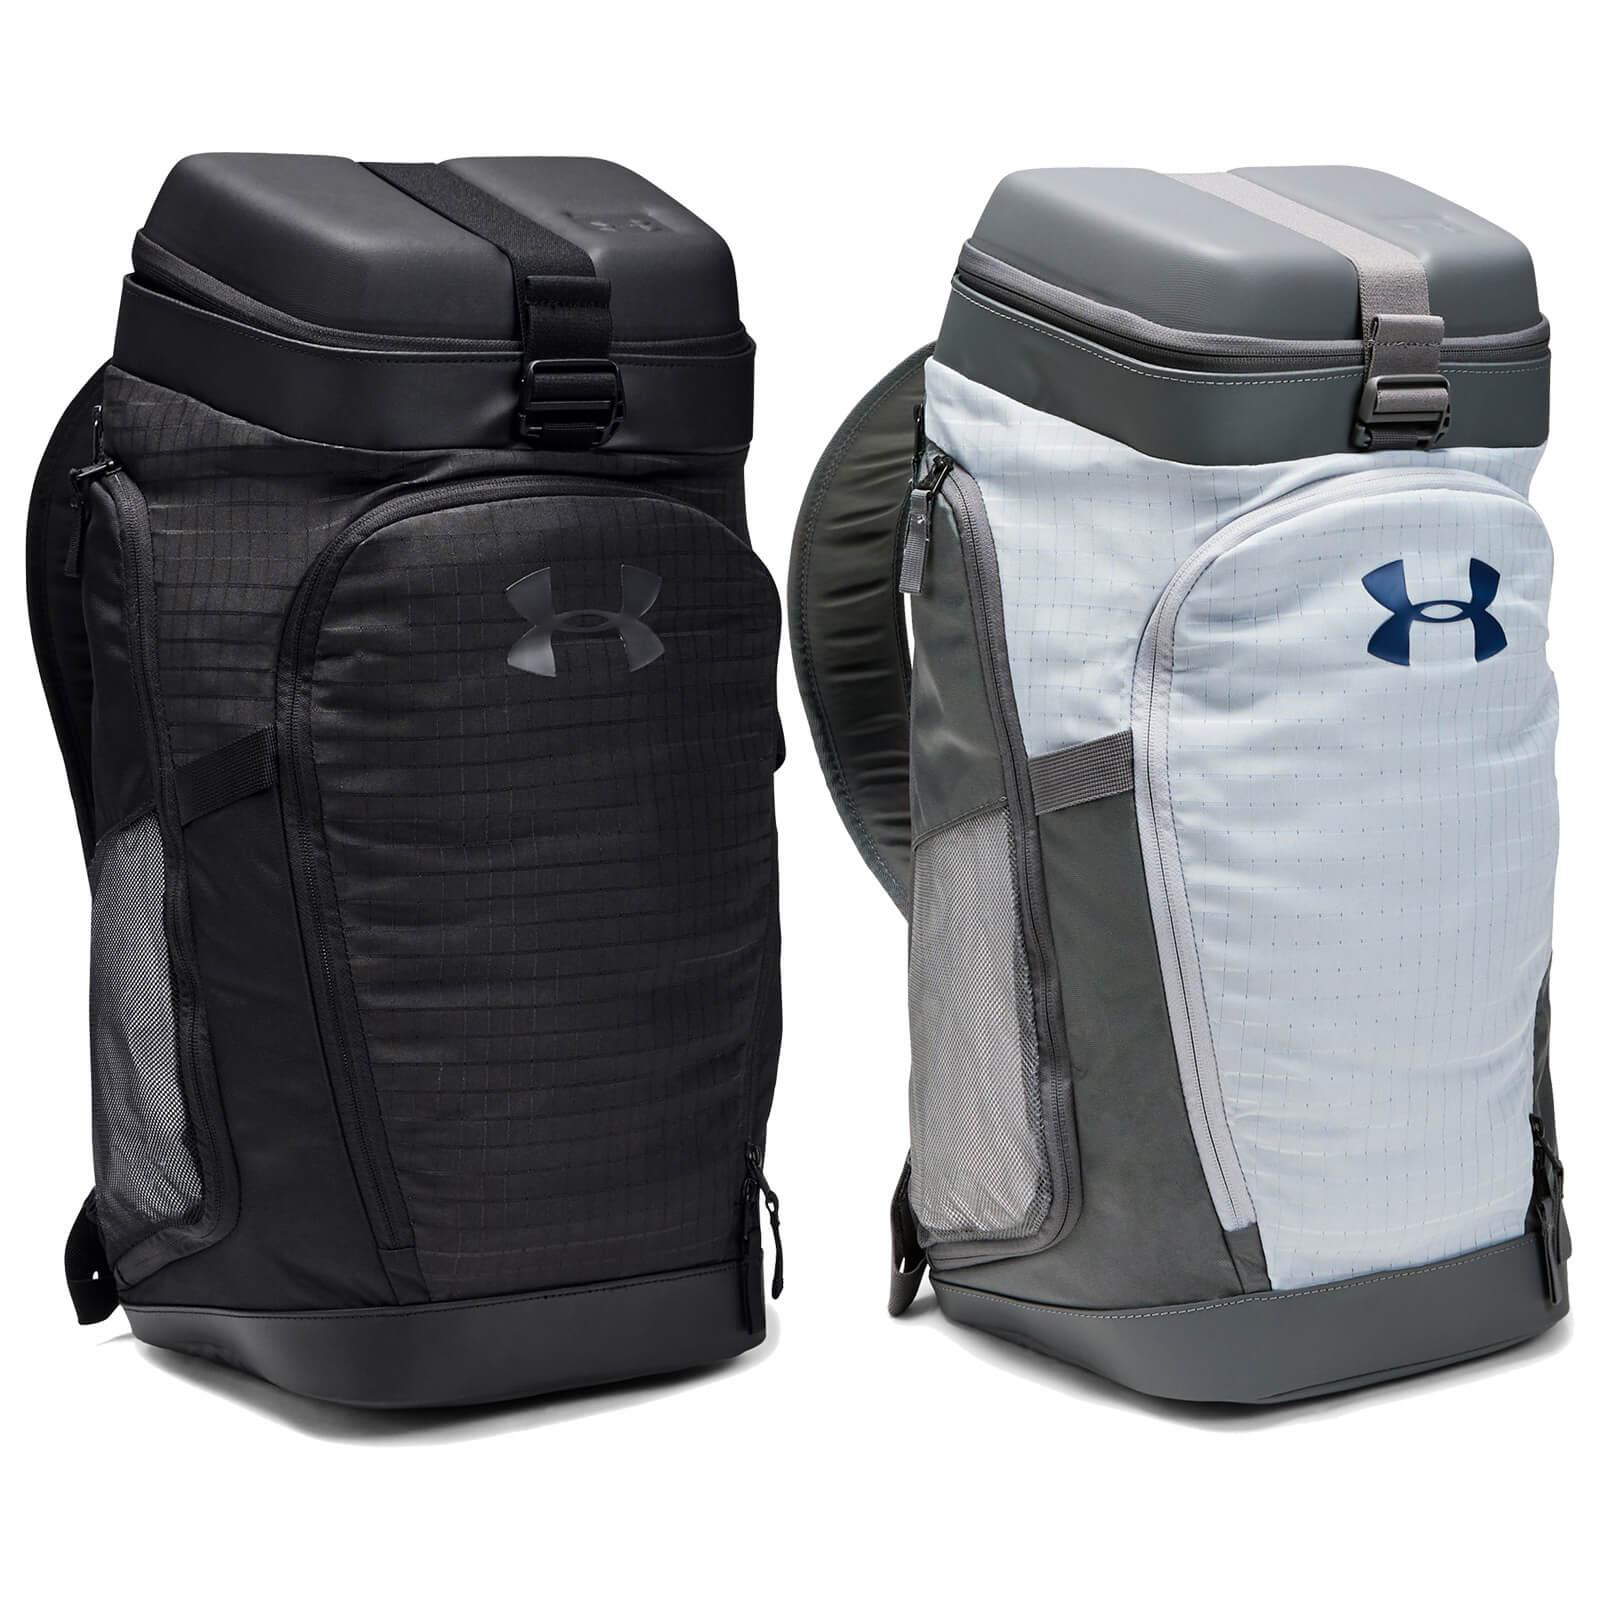 601cc2e264 Under Armour Own The Gym Duffle Bag